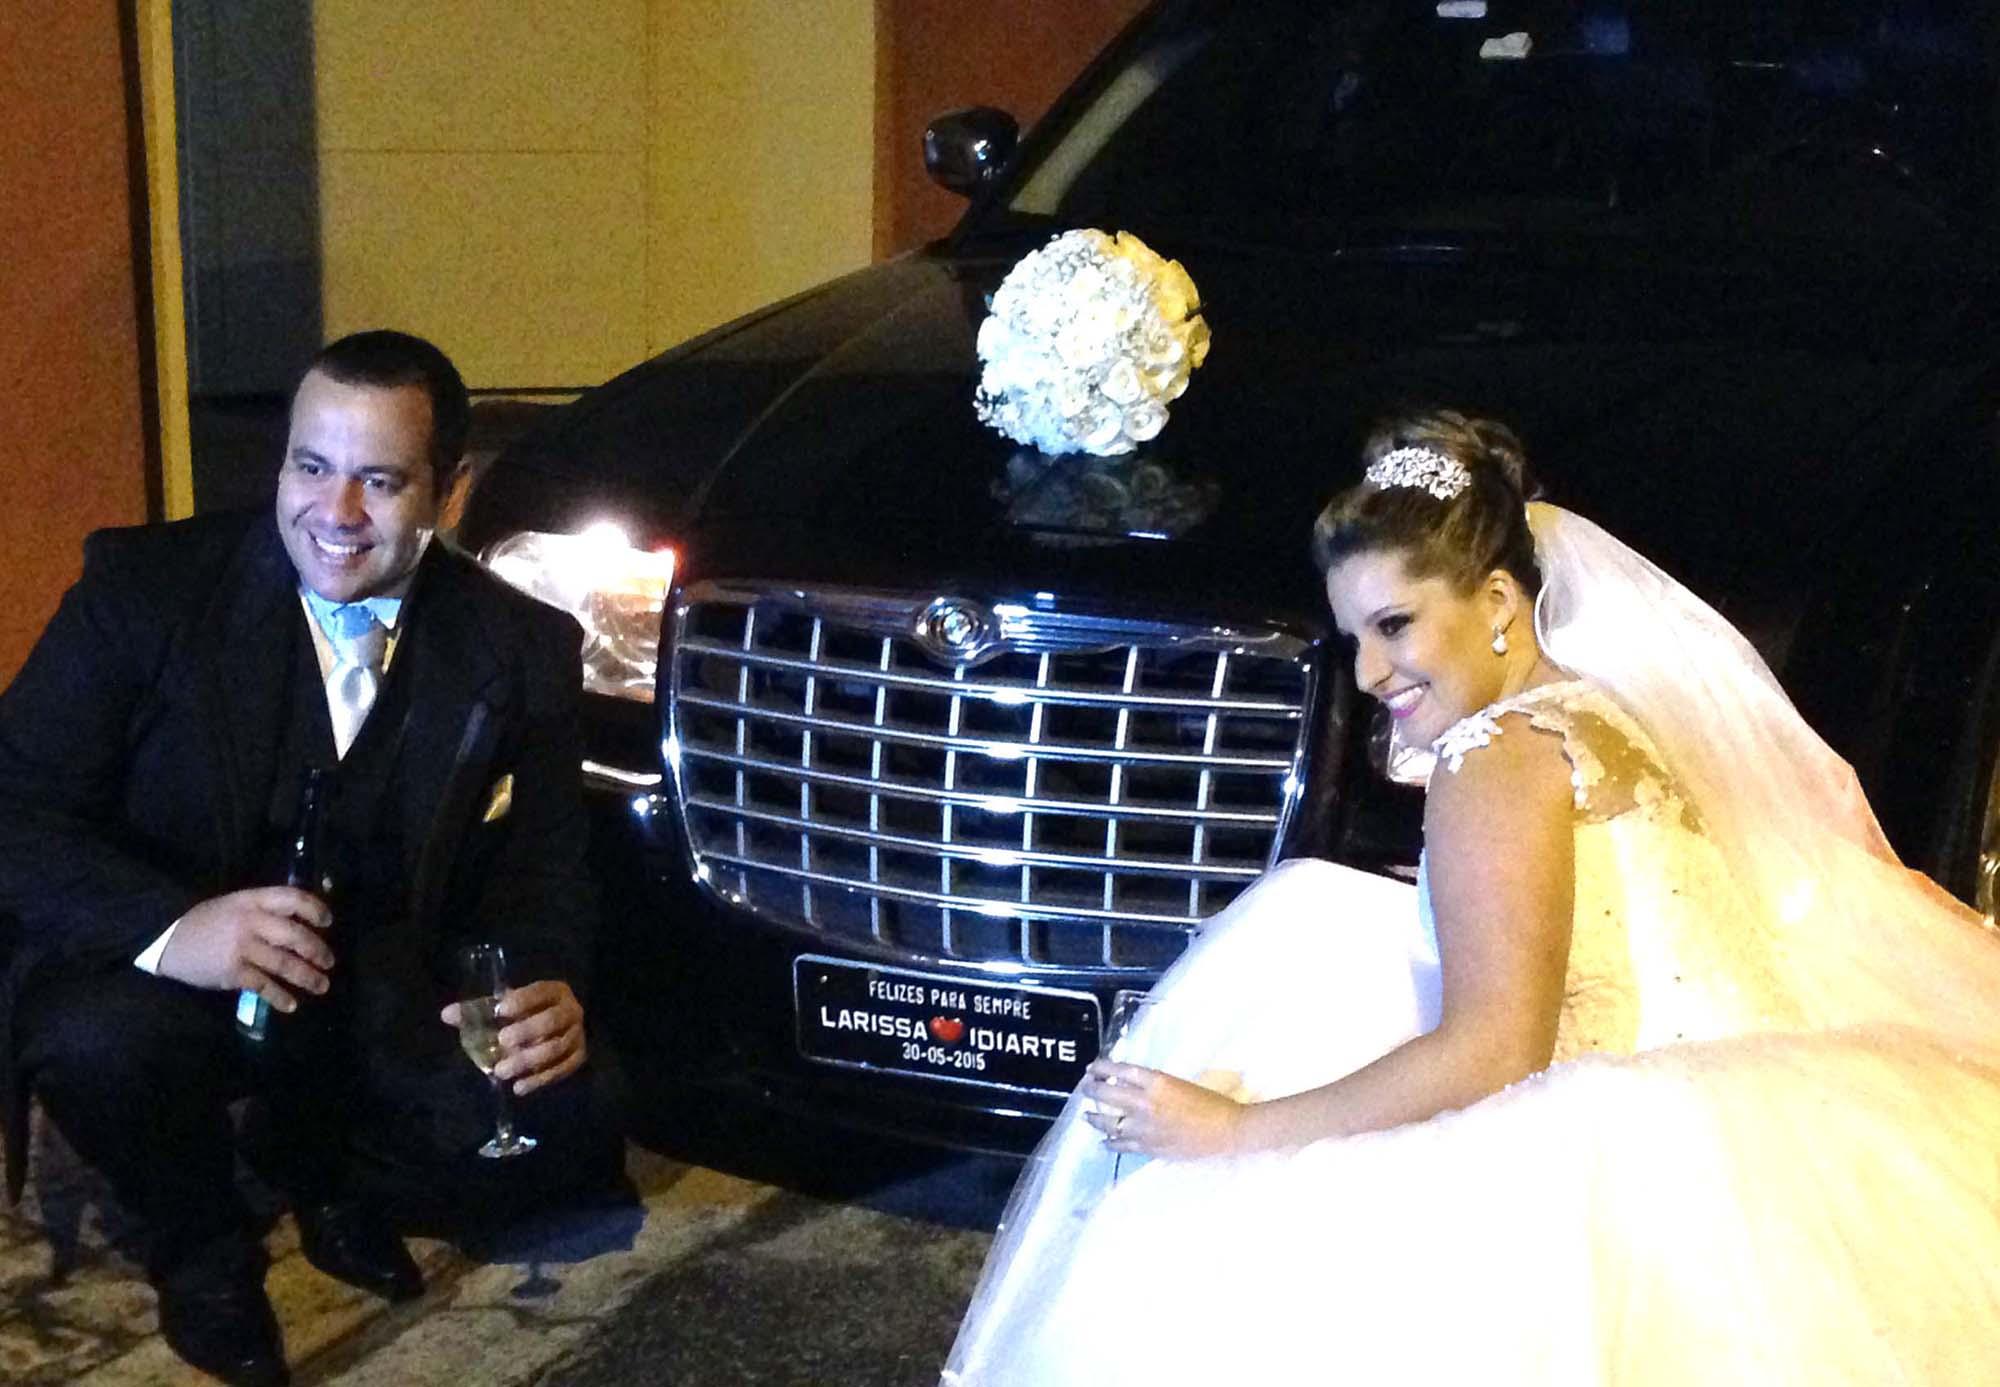 Felicidades Larissa e Idiarte